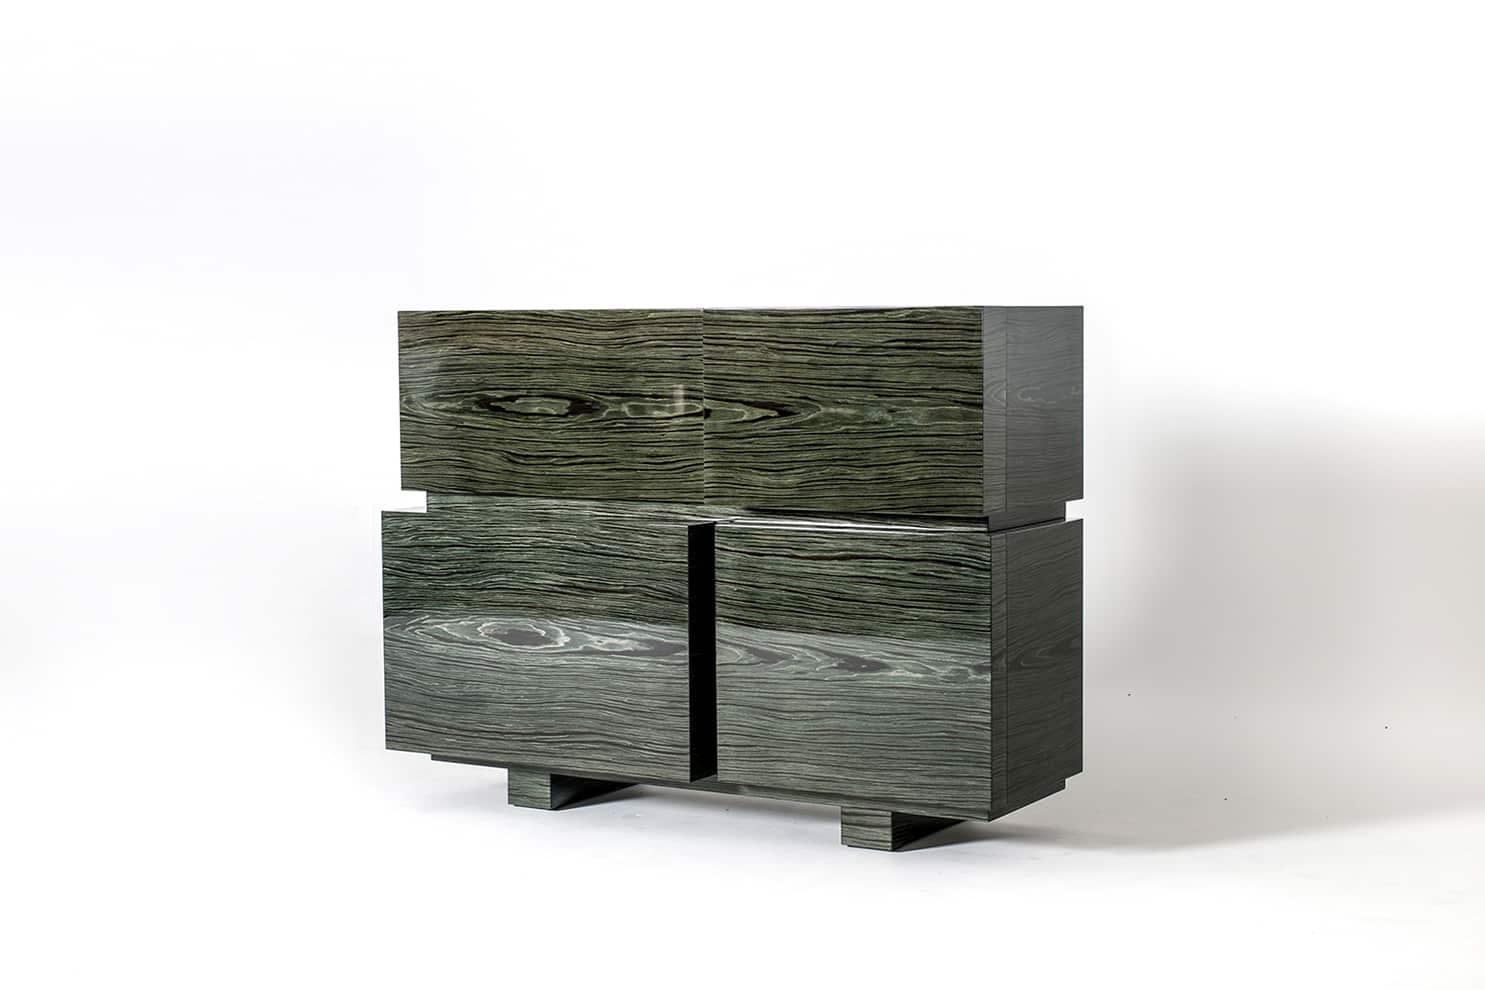 Emmemobili, Block - Buffet composé d'unités de différentes dimensions et profondeurs. Version bois brillant, placage intérieur mat. H 123 x L 165 x P 55 cm. Design Ferruccio Laviani. ©Emmemobili